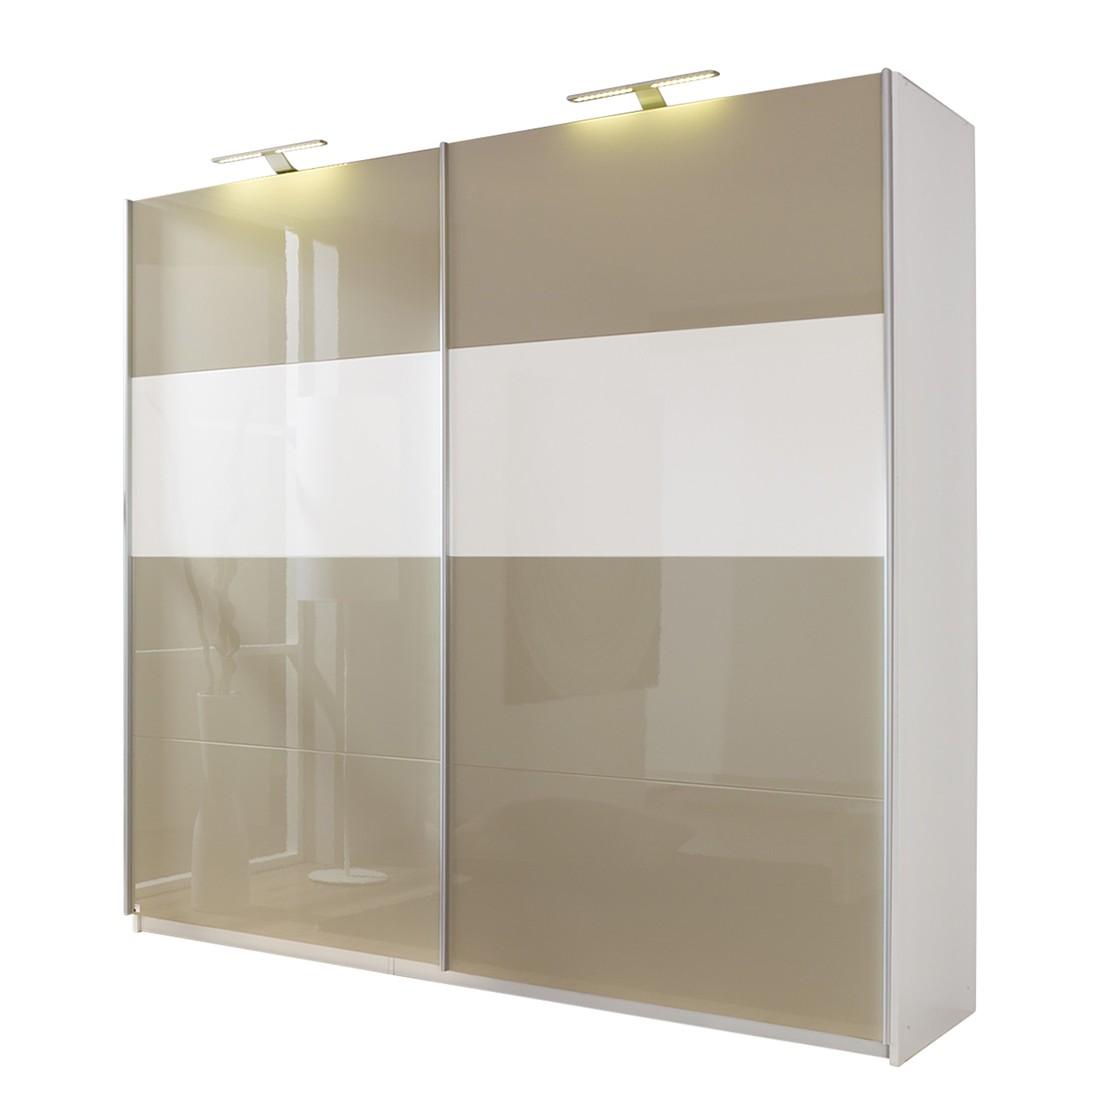 Armoire à portes coulissantes Beluga - Gris sable brillant / Blanc alpin - 136 cm (2 portes) - 223 c